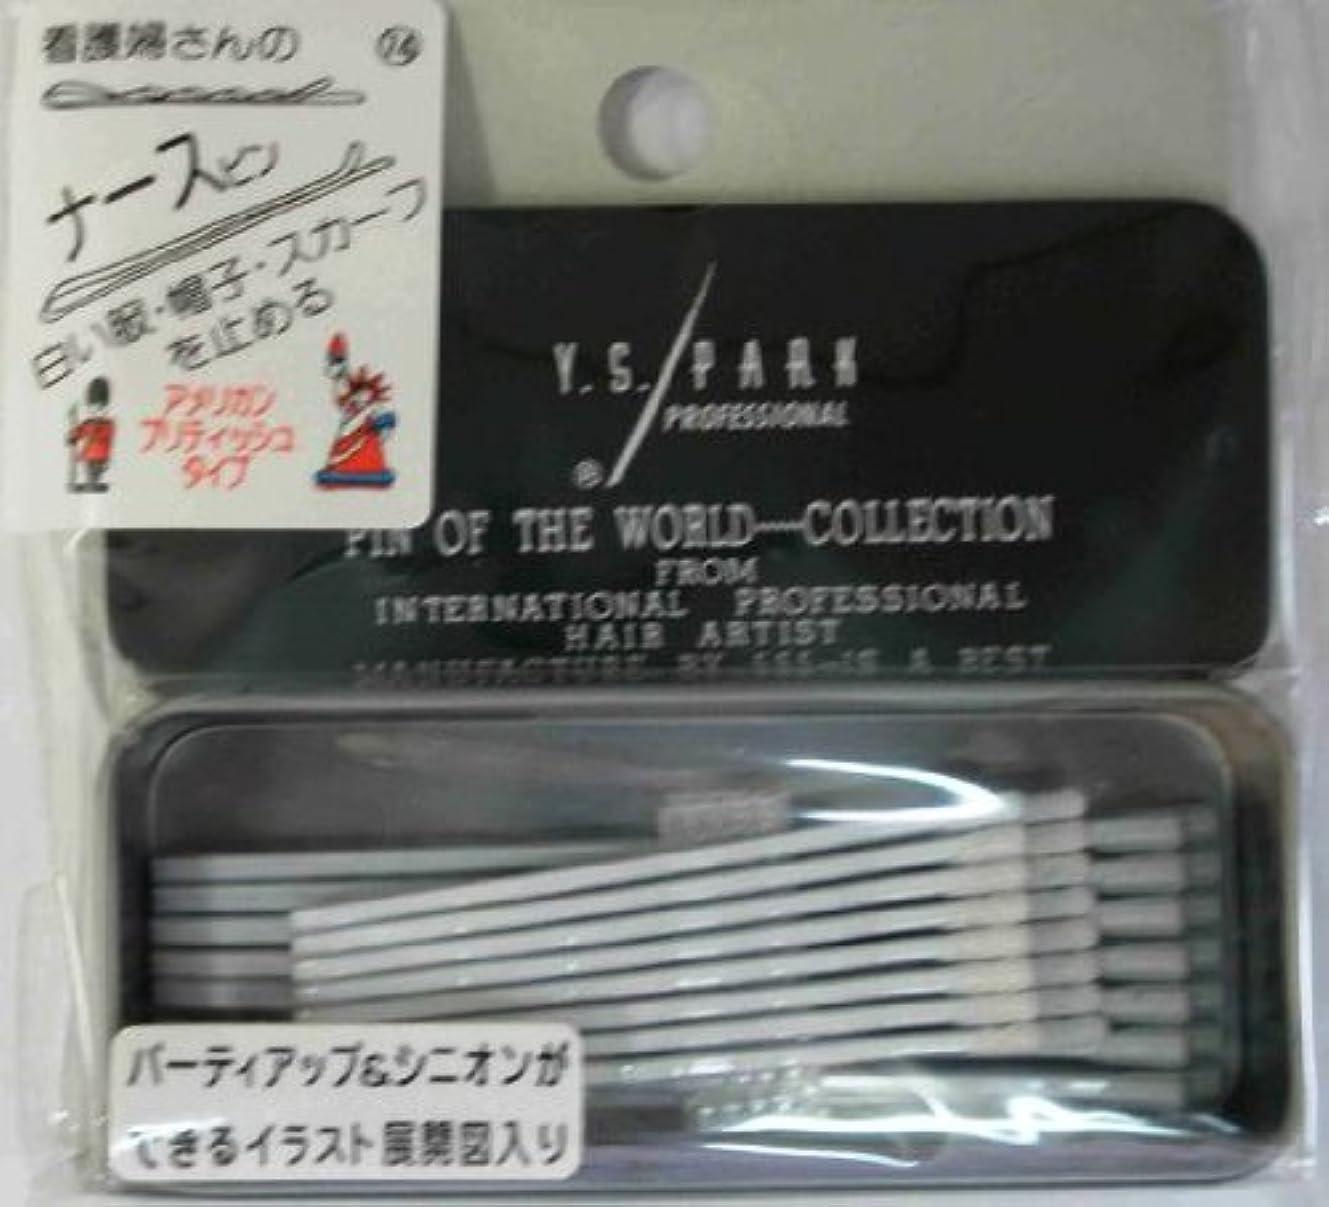 サスペンションアトミックキロメートルY.S.PARK世界のヘアピンコレクションNo.74(白)アメリカンブリティッシュタイプ15P